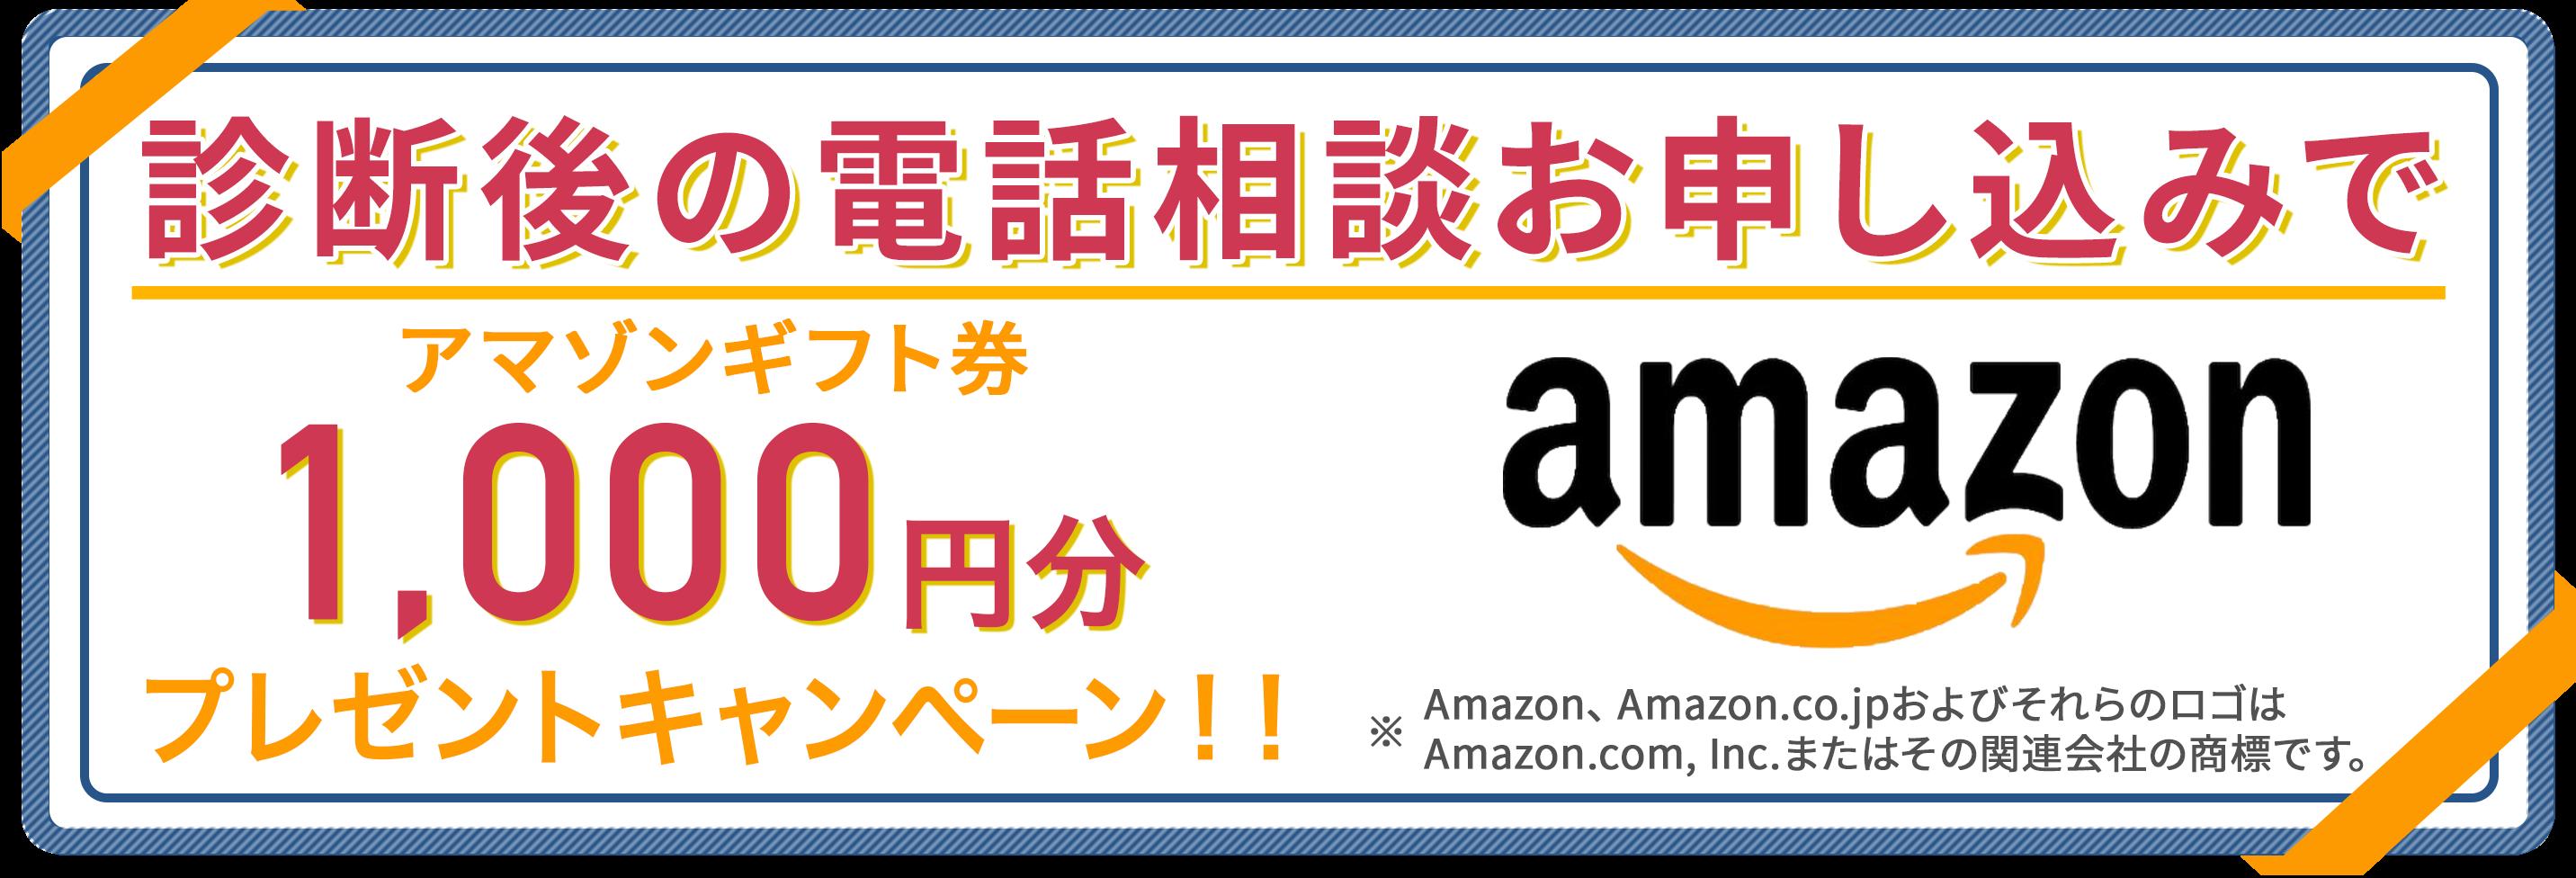 電話お申し込みでアマゾンギフト券1,000円分プレゼント